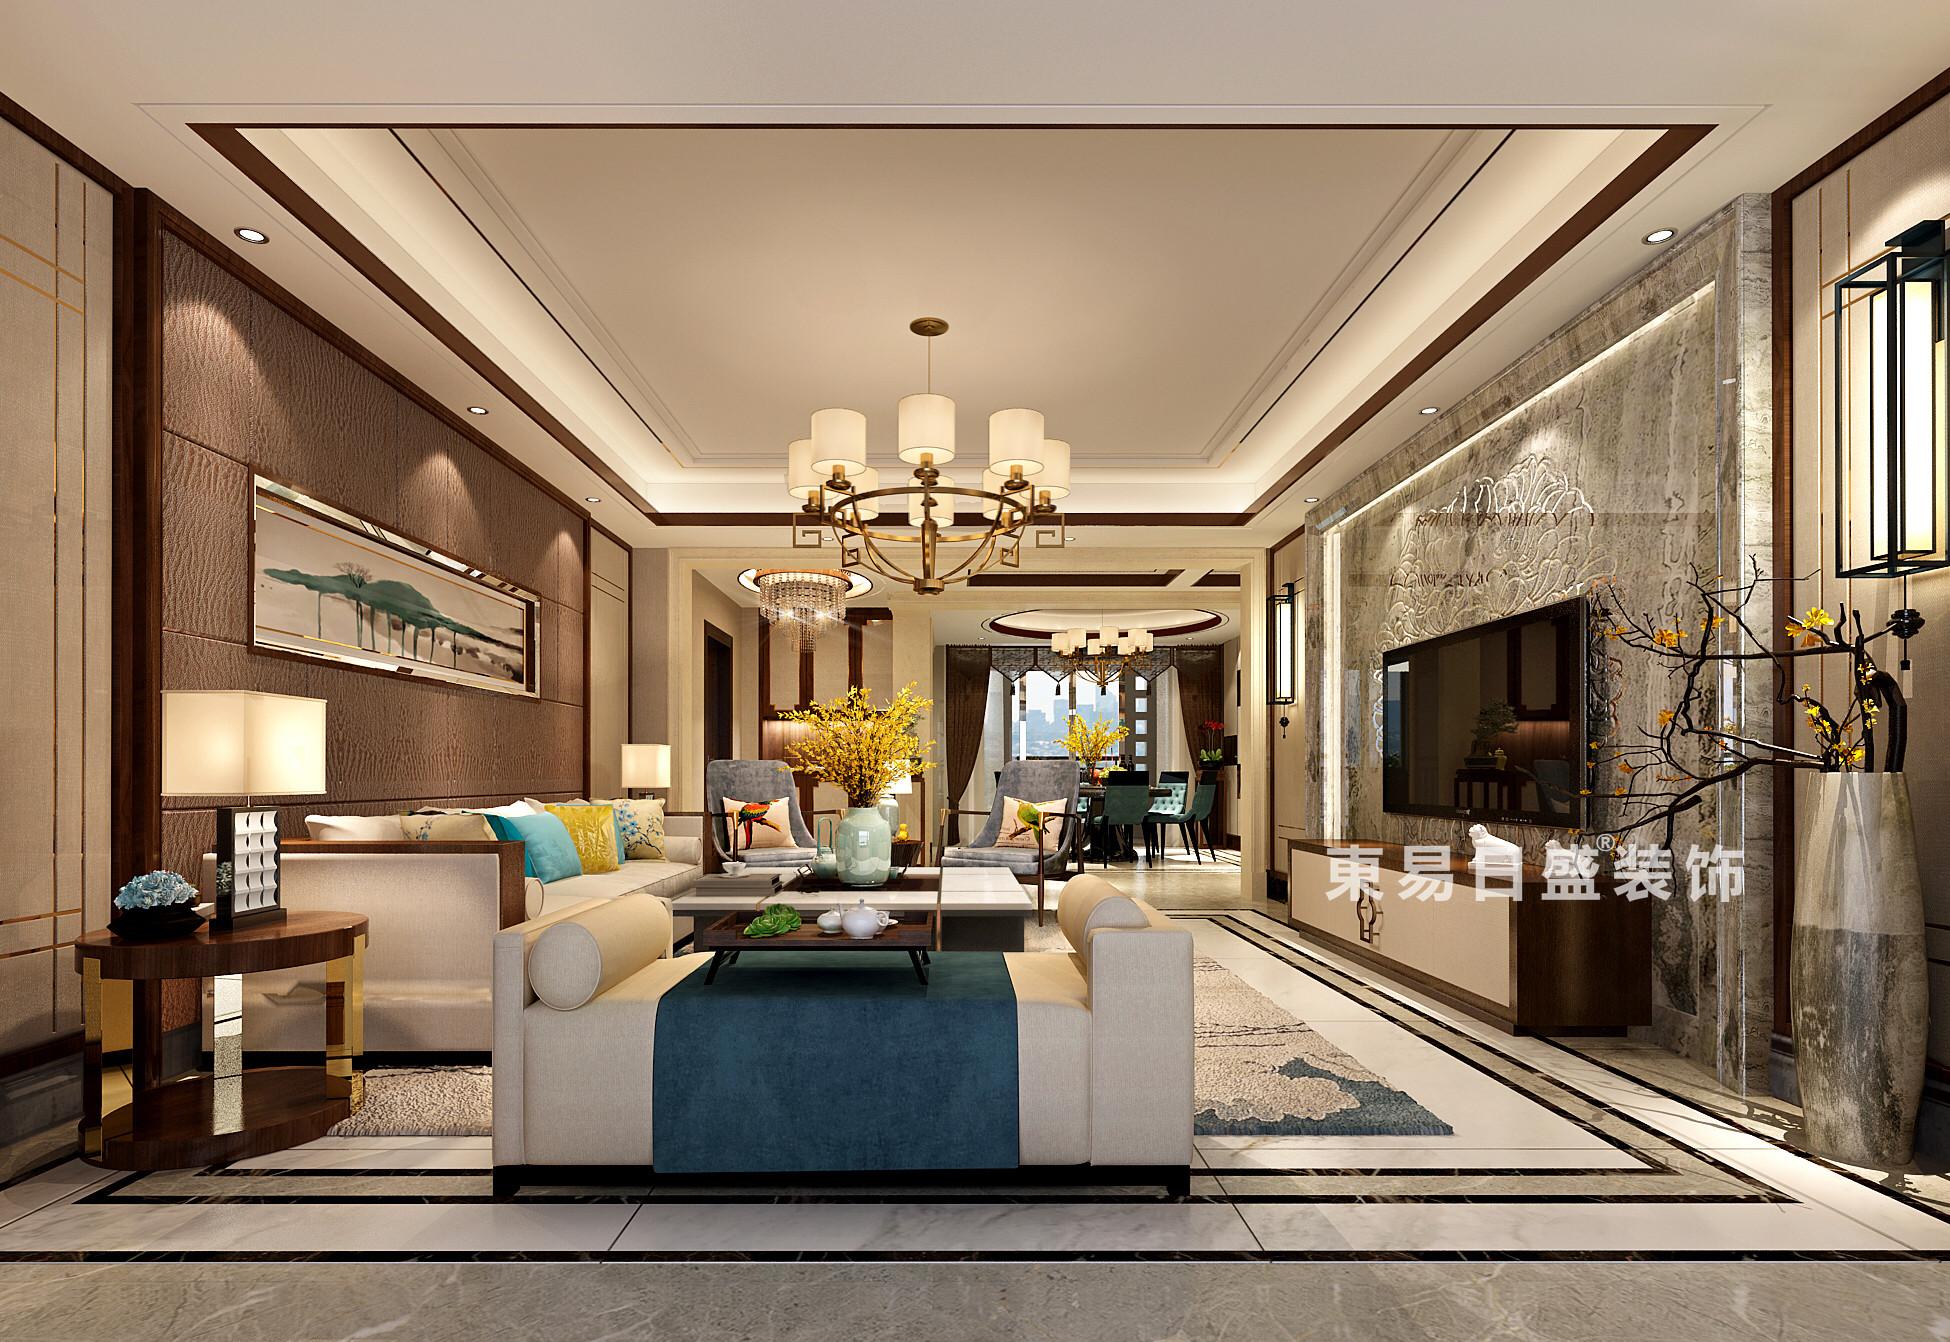 家具清洁保养大全